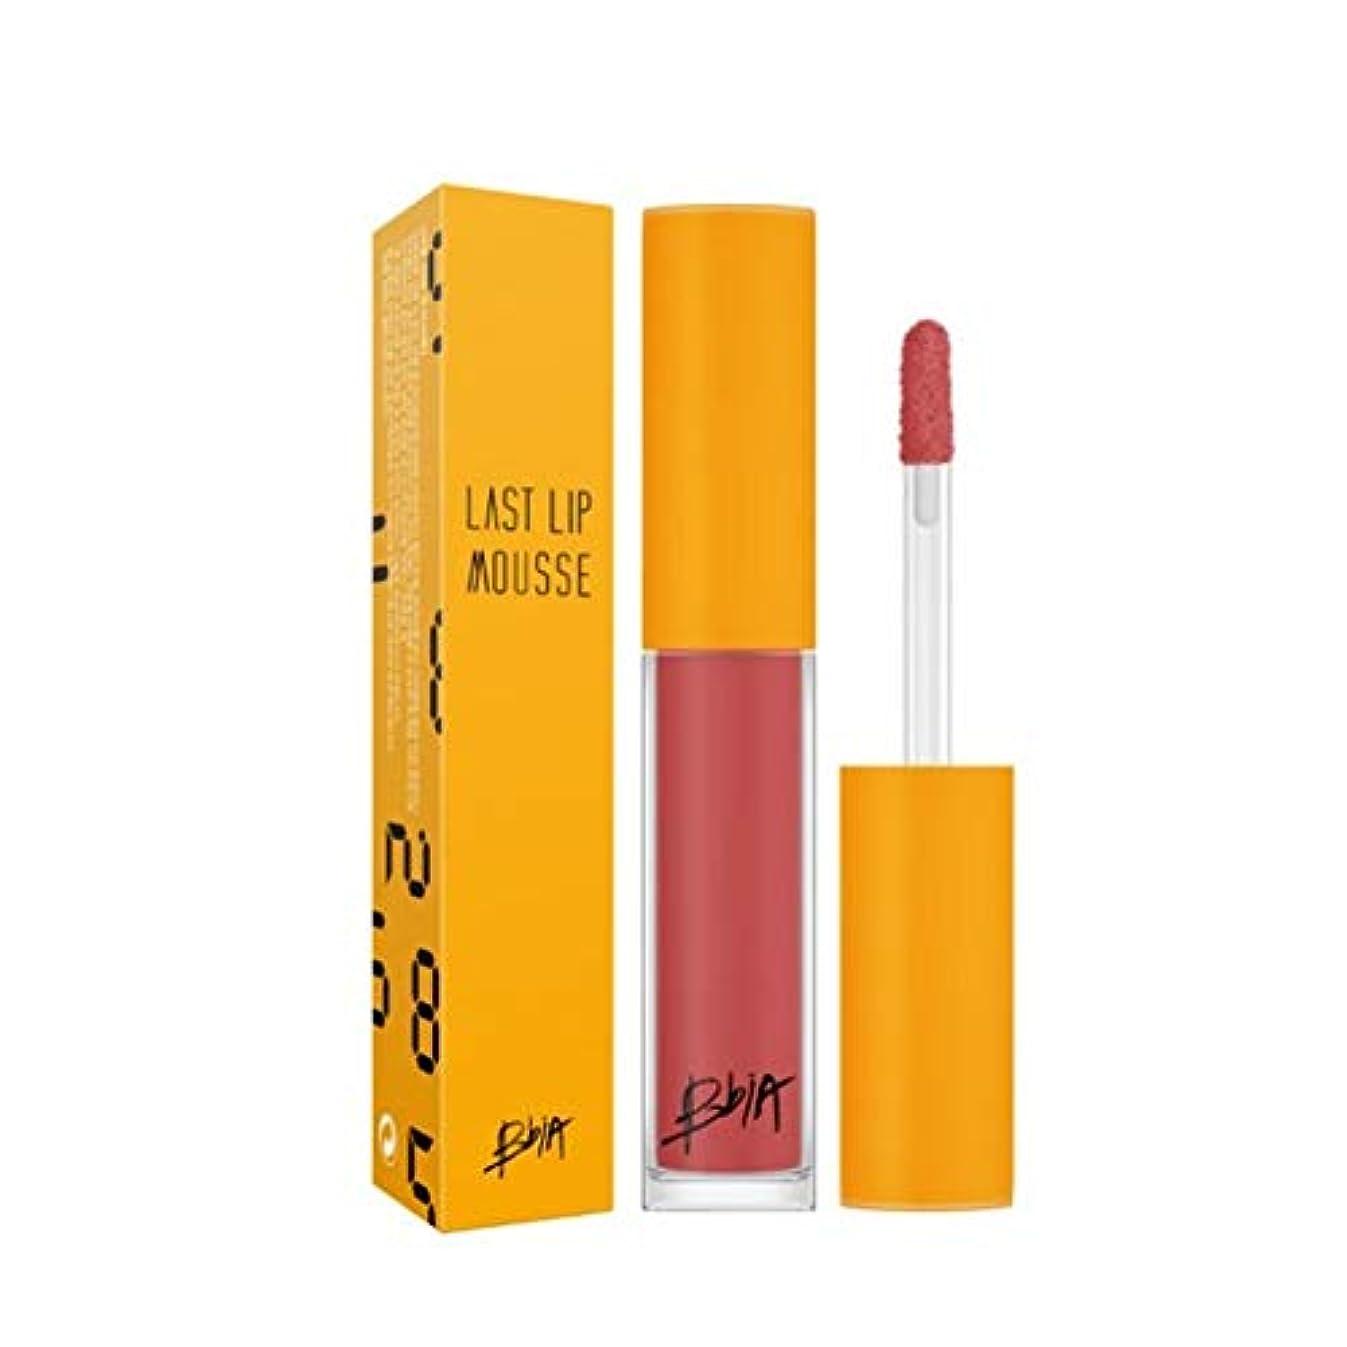 不要来て風味ピアラストリップムース 5カラー韓国コスメ、Bbia Last Lip Mousse 5 Colors Korean Cosmetics [並行輸入品] (1004 rose)